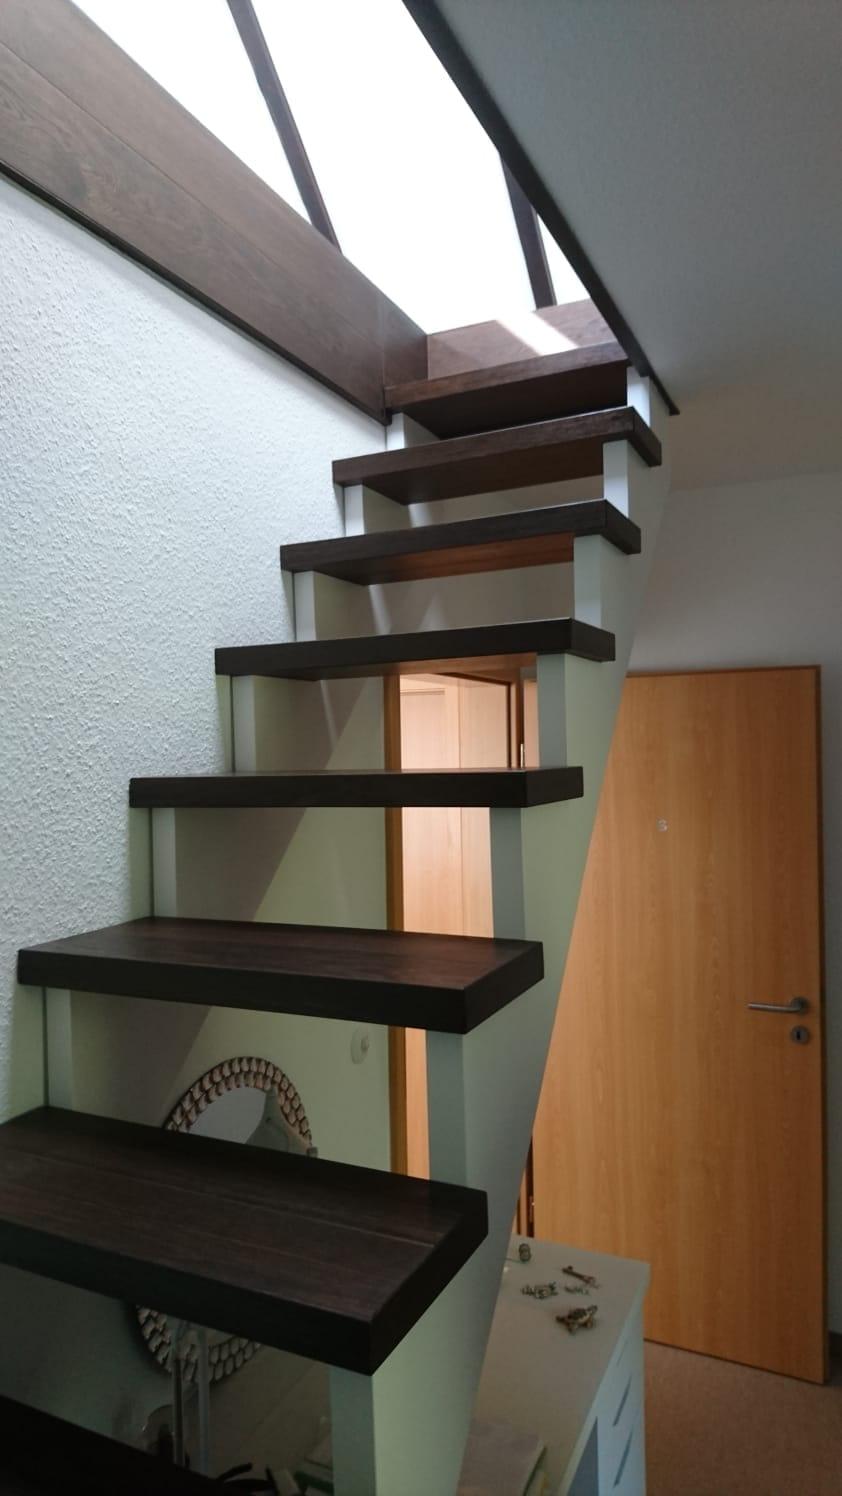 Domke-parkett-treppen1